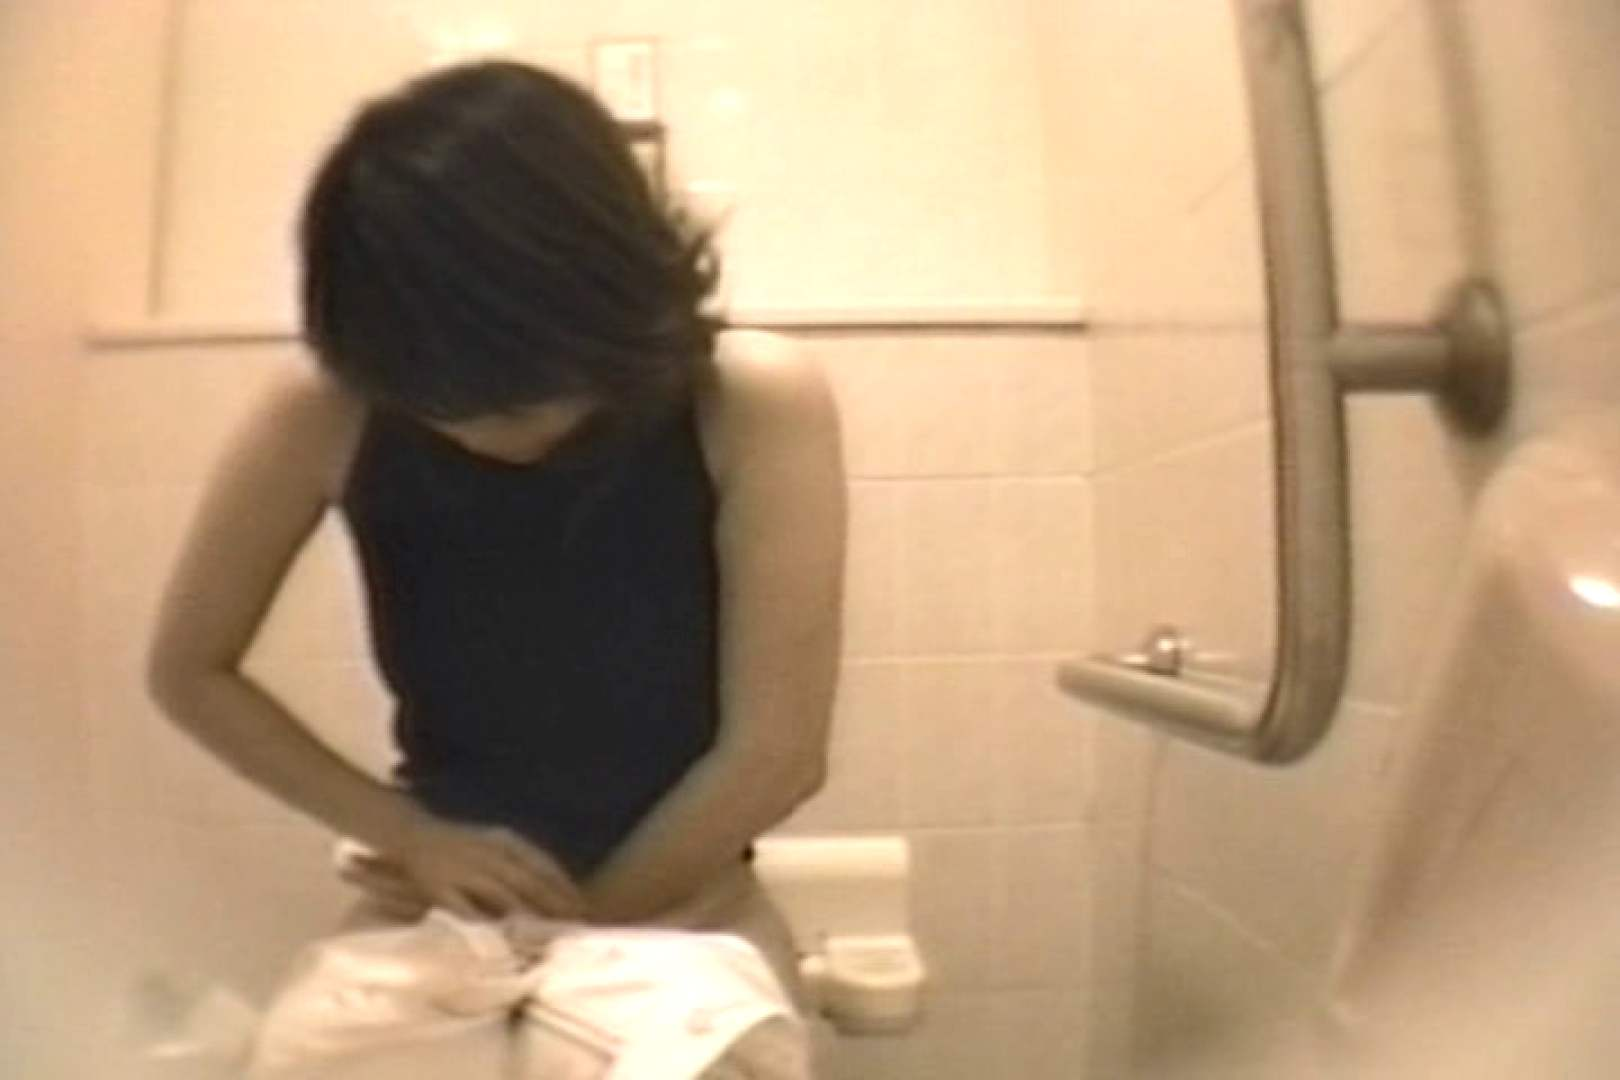 個室狂いのマニア映像Vol.4 洗面所 | 和式  52連発 4